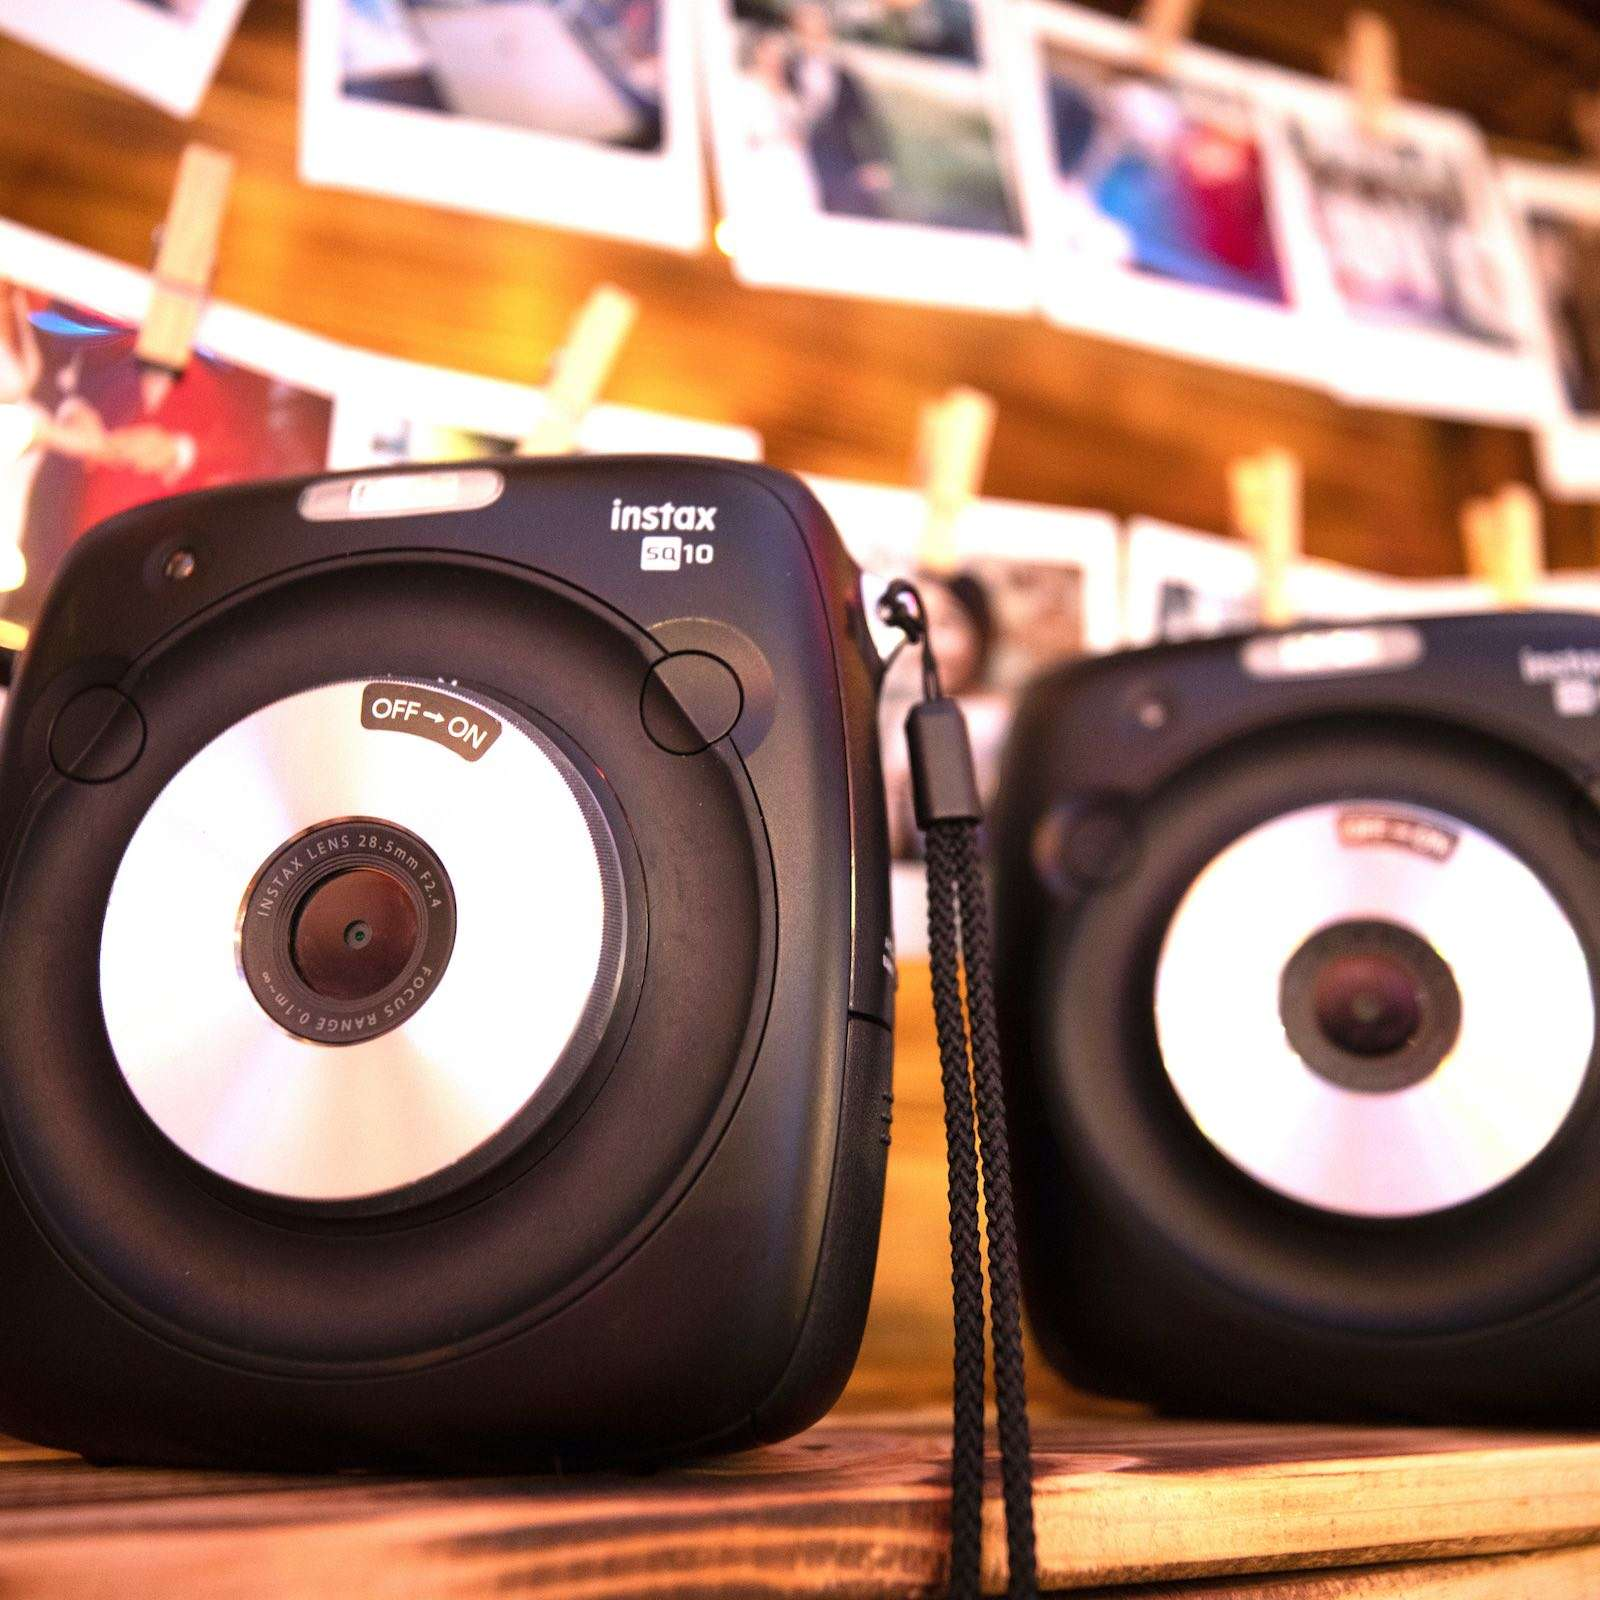 Polaroid | Instax | Kamera | Leihen | Hochzeit | Set | Koffer | Mieten | Anfragen | Buchen | Hochzeit | Event | Sofortbildkamera | Versand | Lieferung | Knipsel